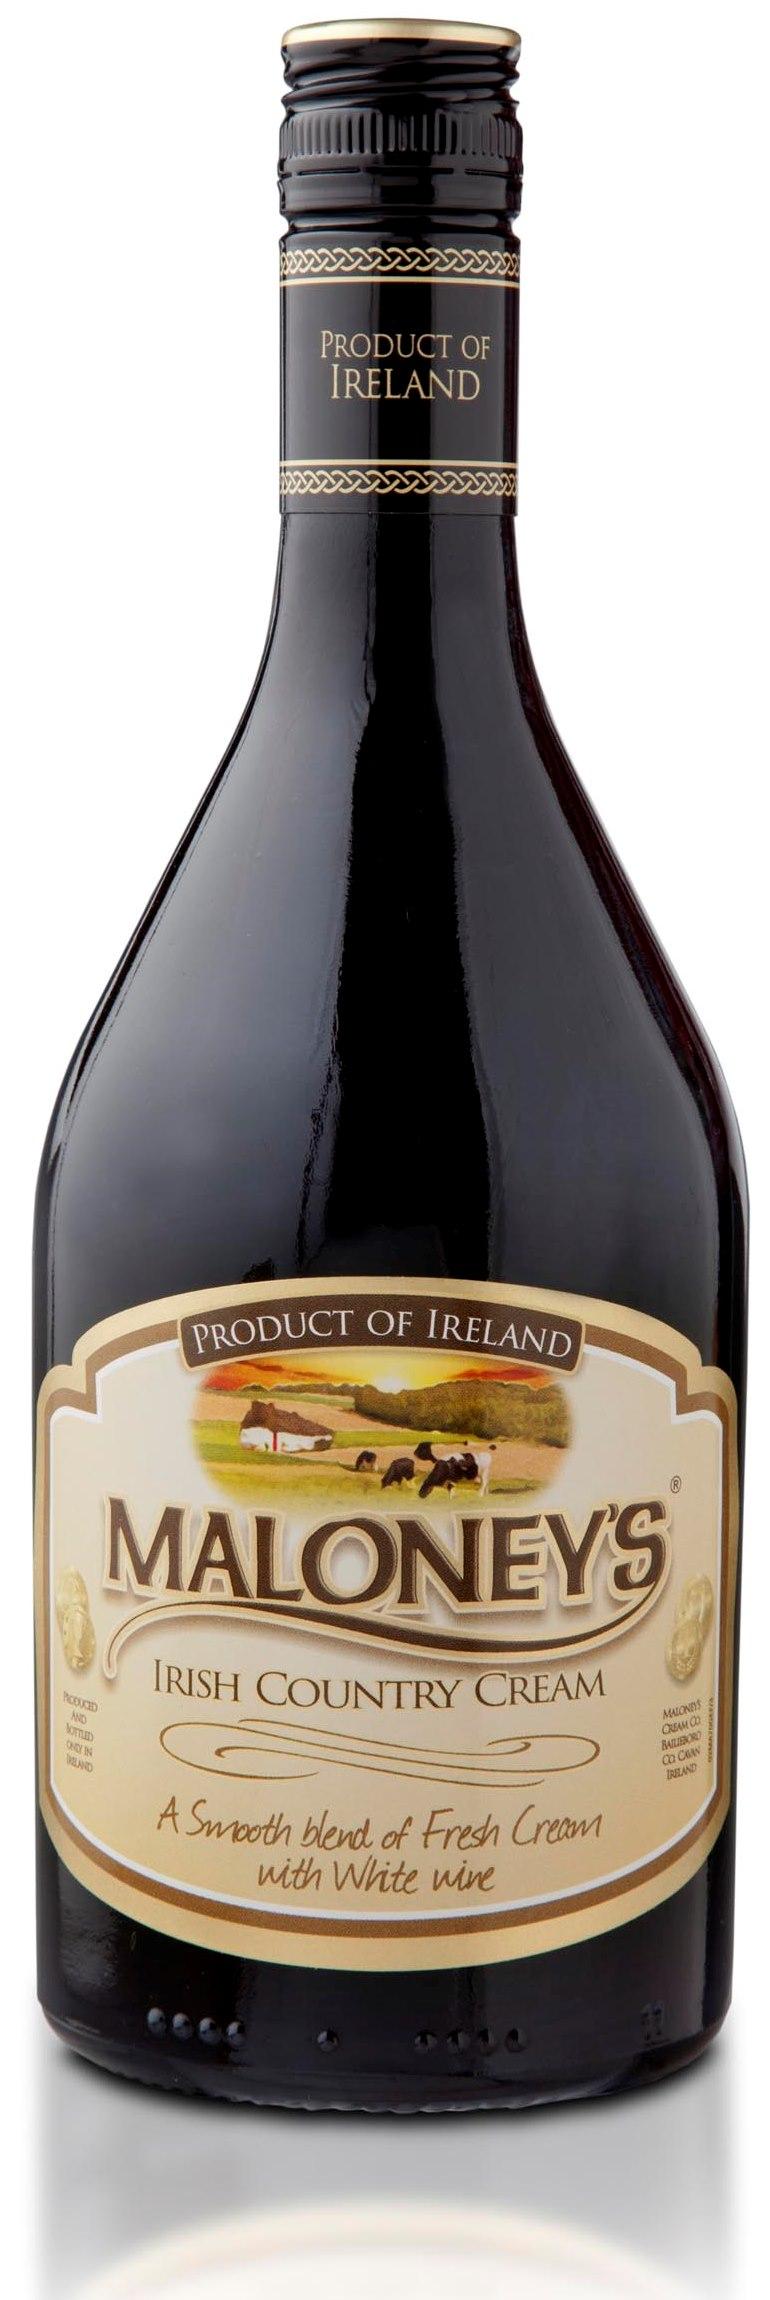 Maloney's Irish Country Cream